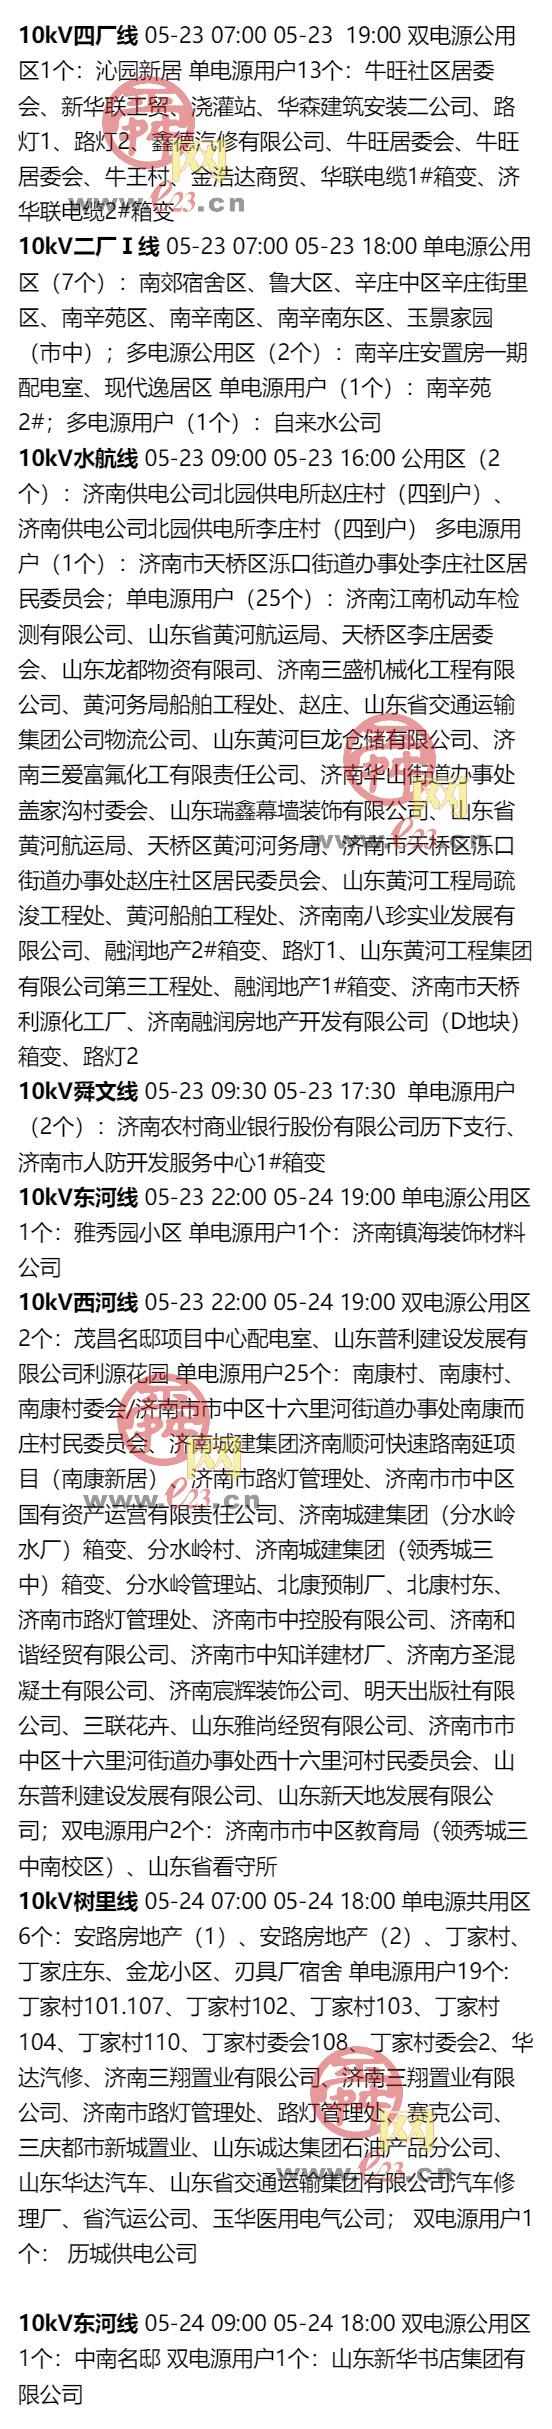 5月18日至5月24日大发排列3部分区域电力设备检修通知